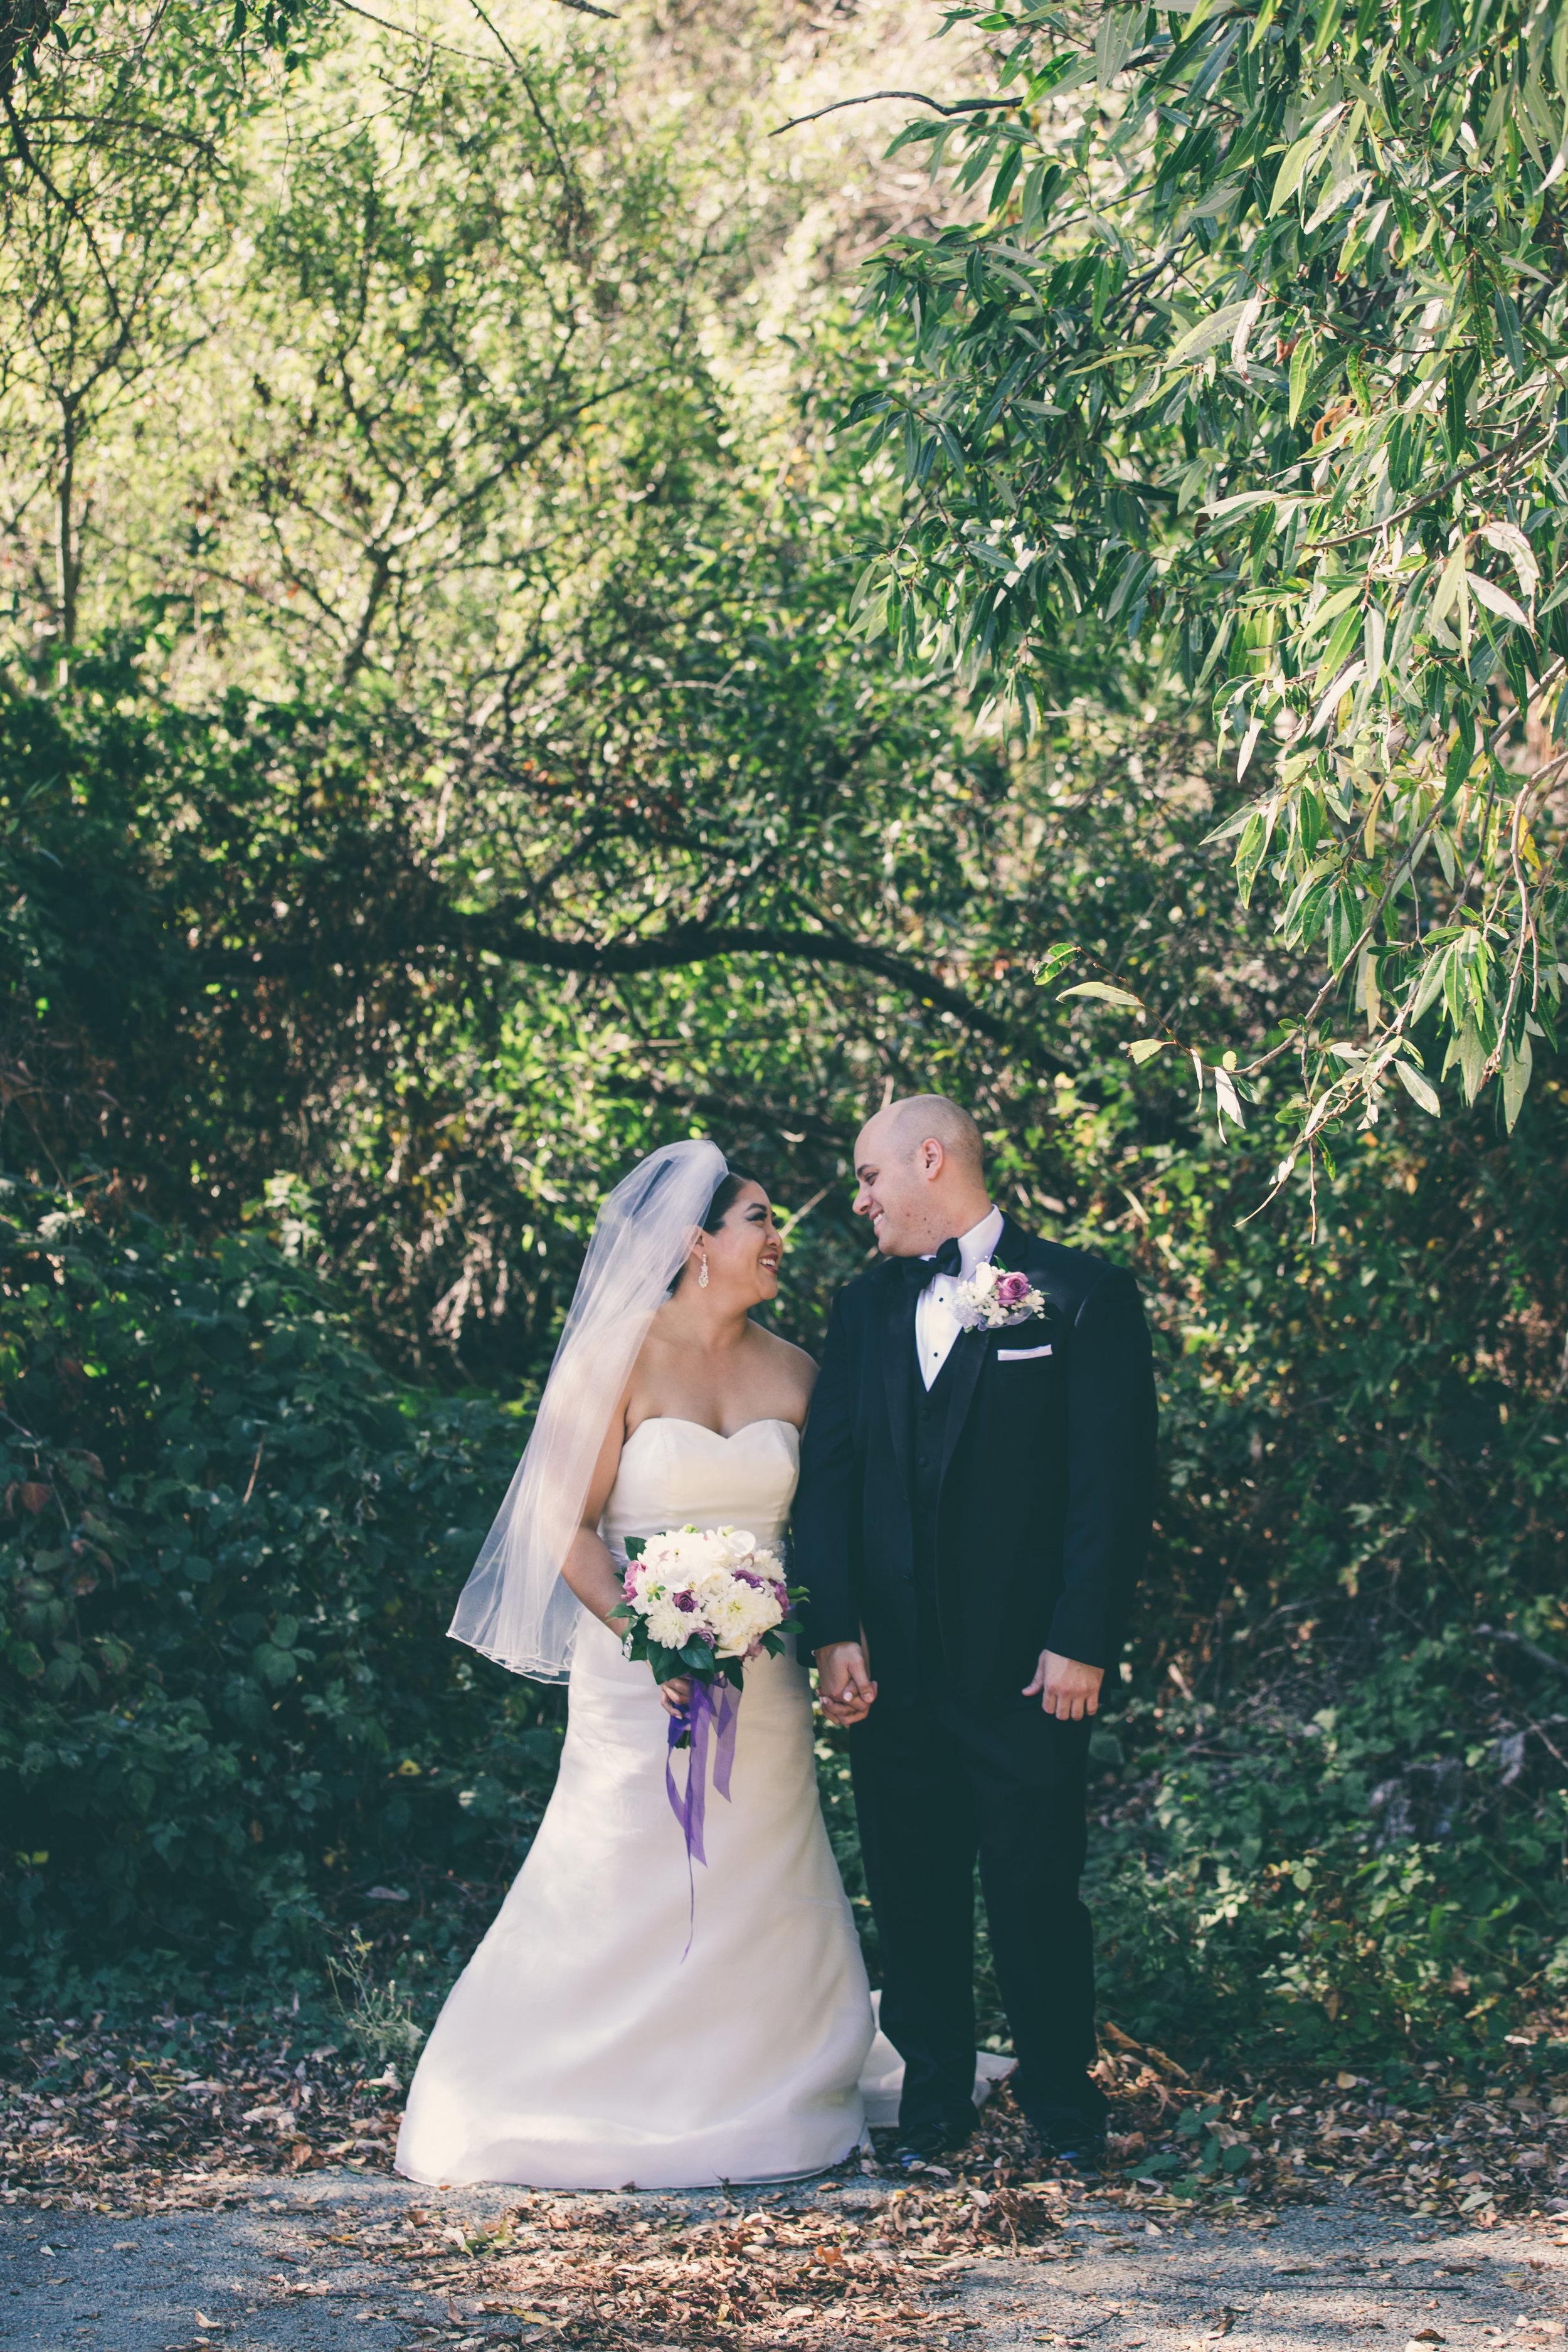 Steve and Eva Married-Steve and Eva Champi-0227.jpg